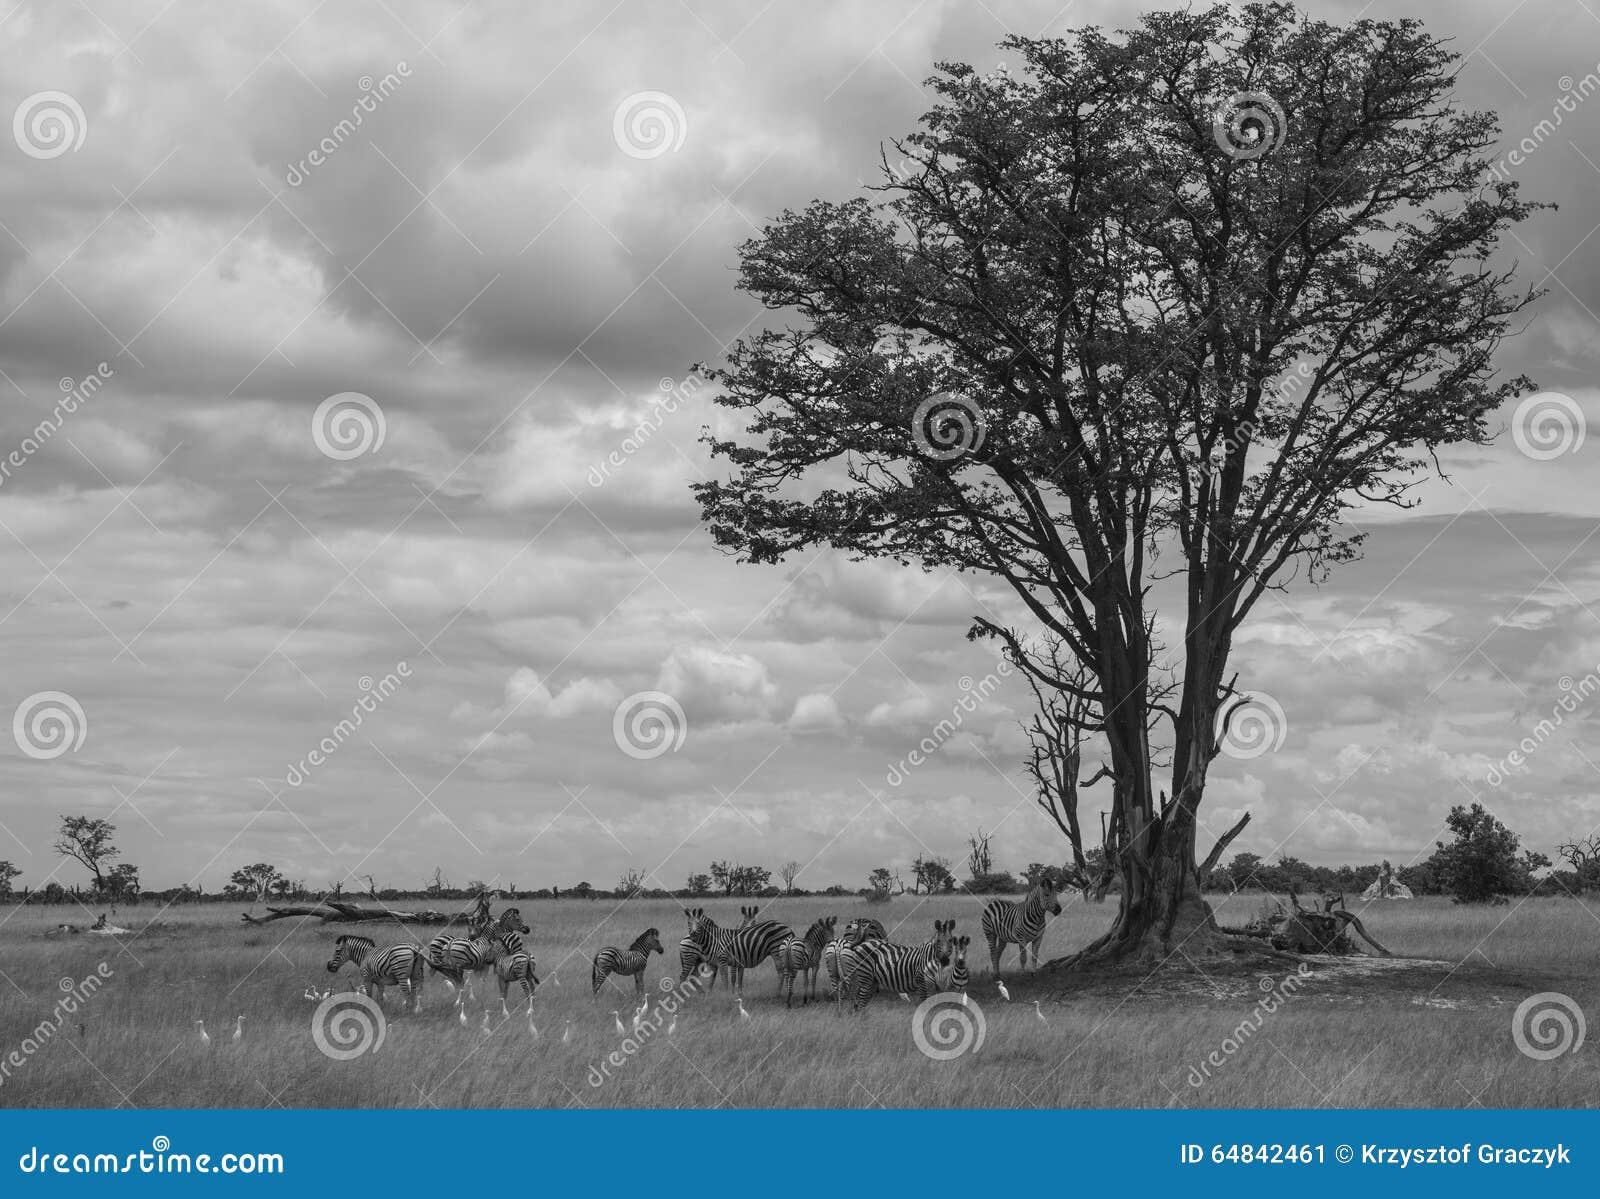 Afrikanische Savanne mit Zebras